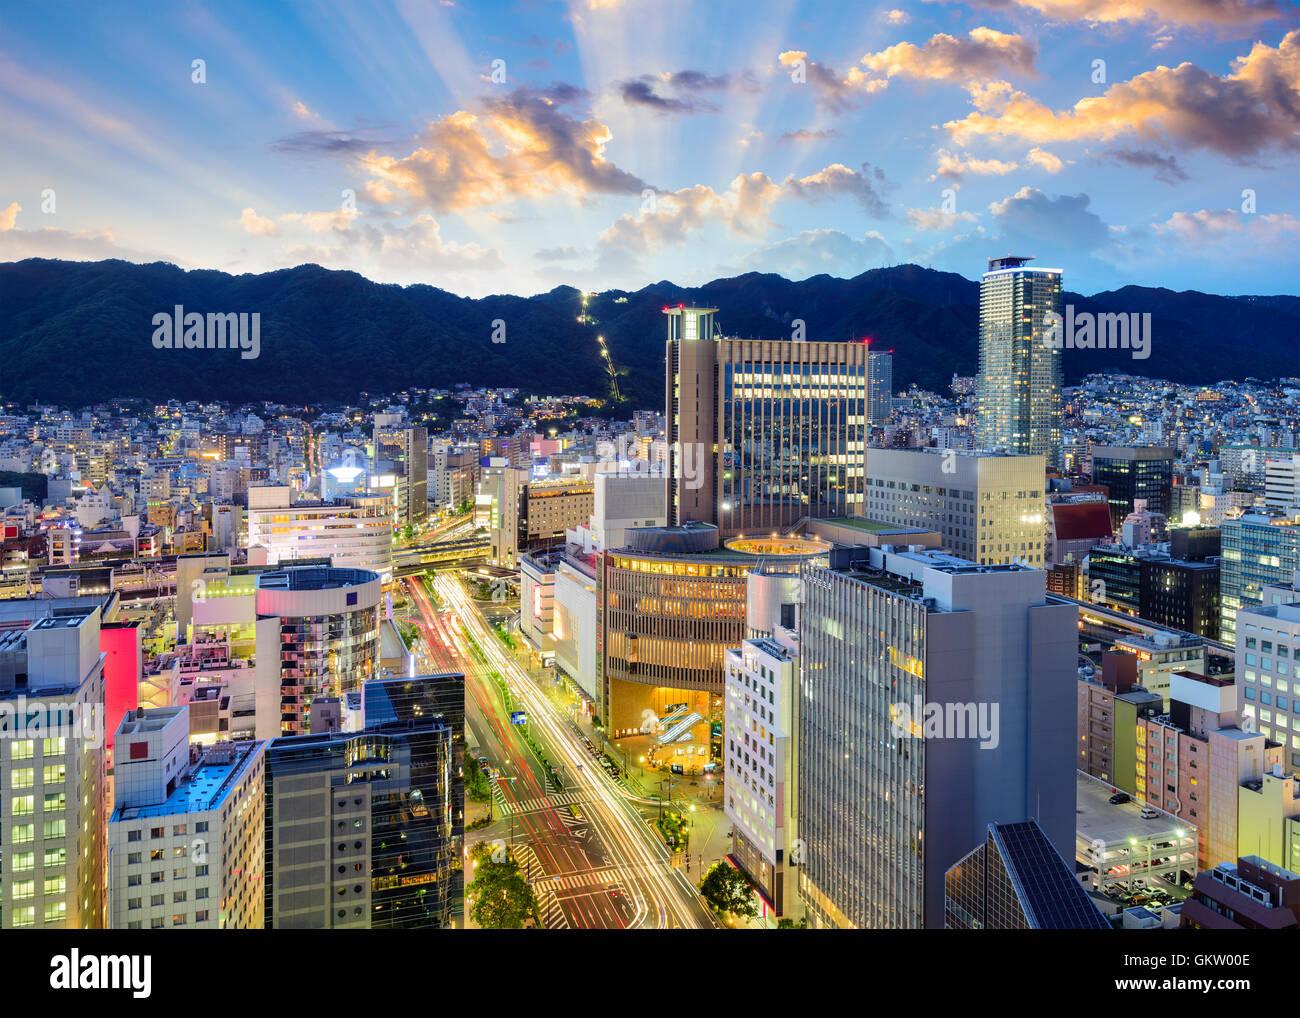 Kobe, Japón, del centro de la ciudad en el distrito de Sannomiya contra el telón de fondo de las montañas Imagen De Stock